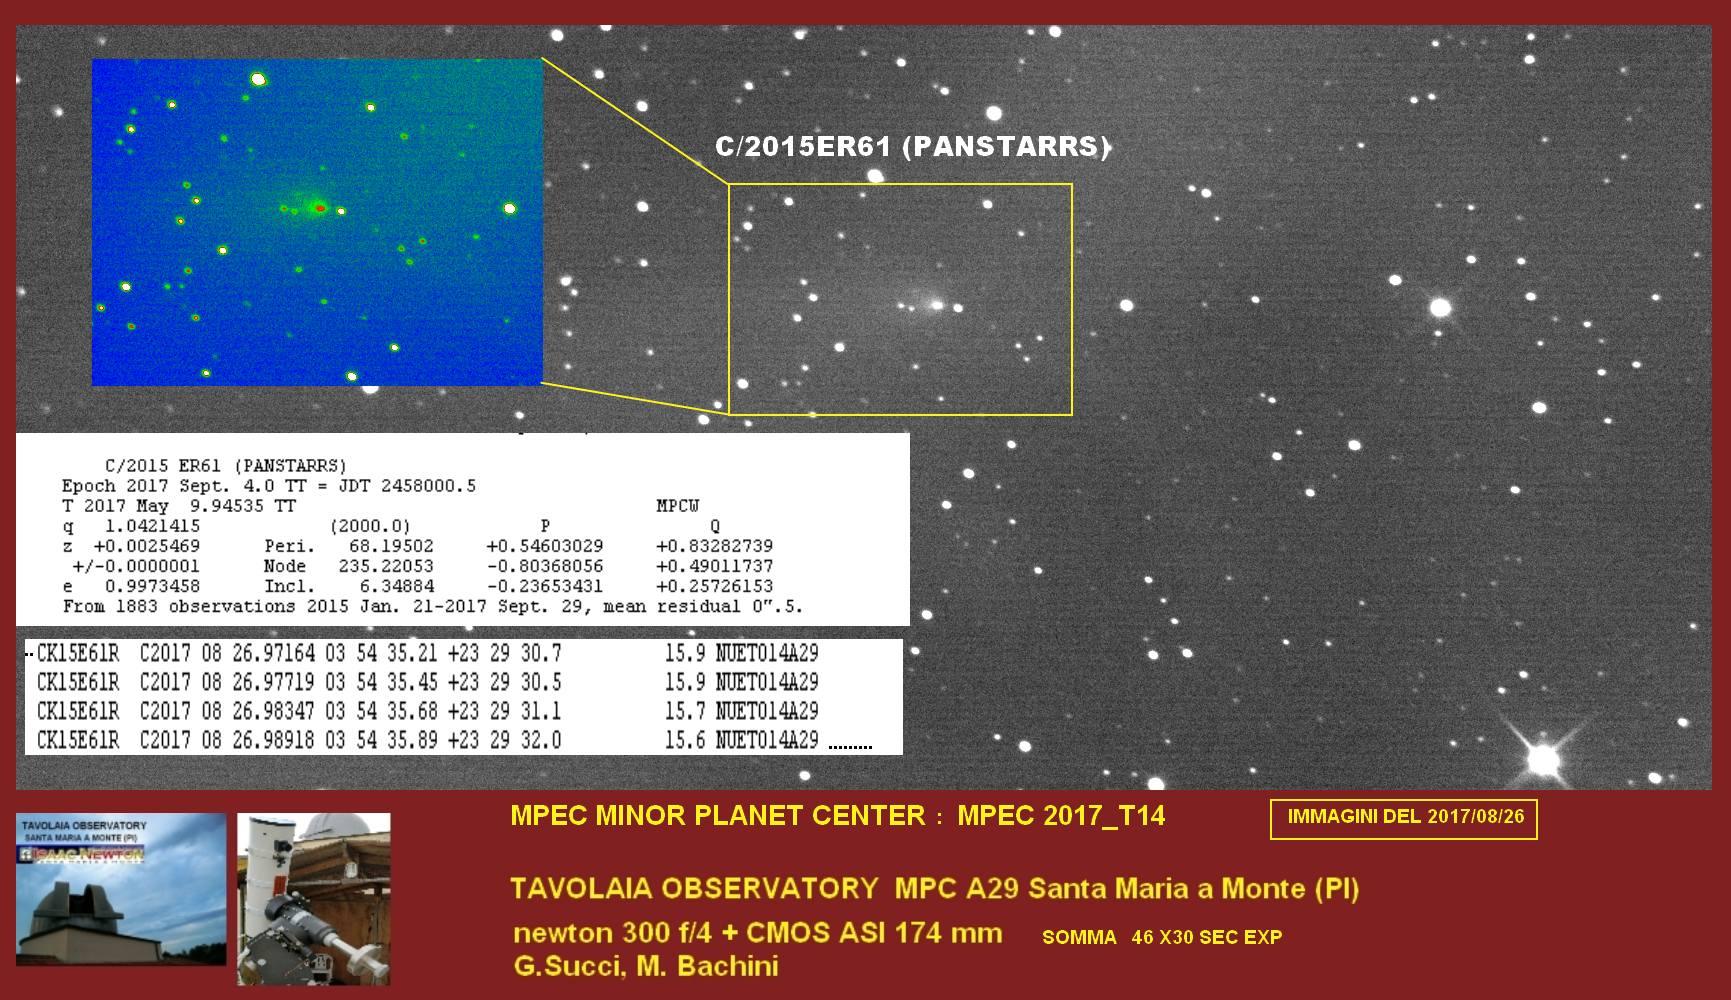 cometac2015er61_tav_207_08_26bb.jpg